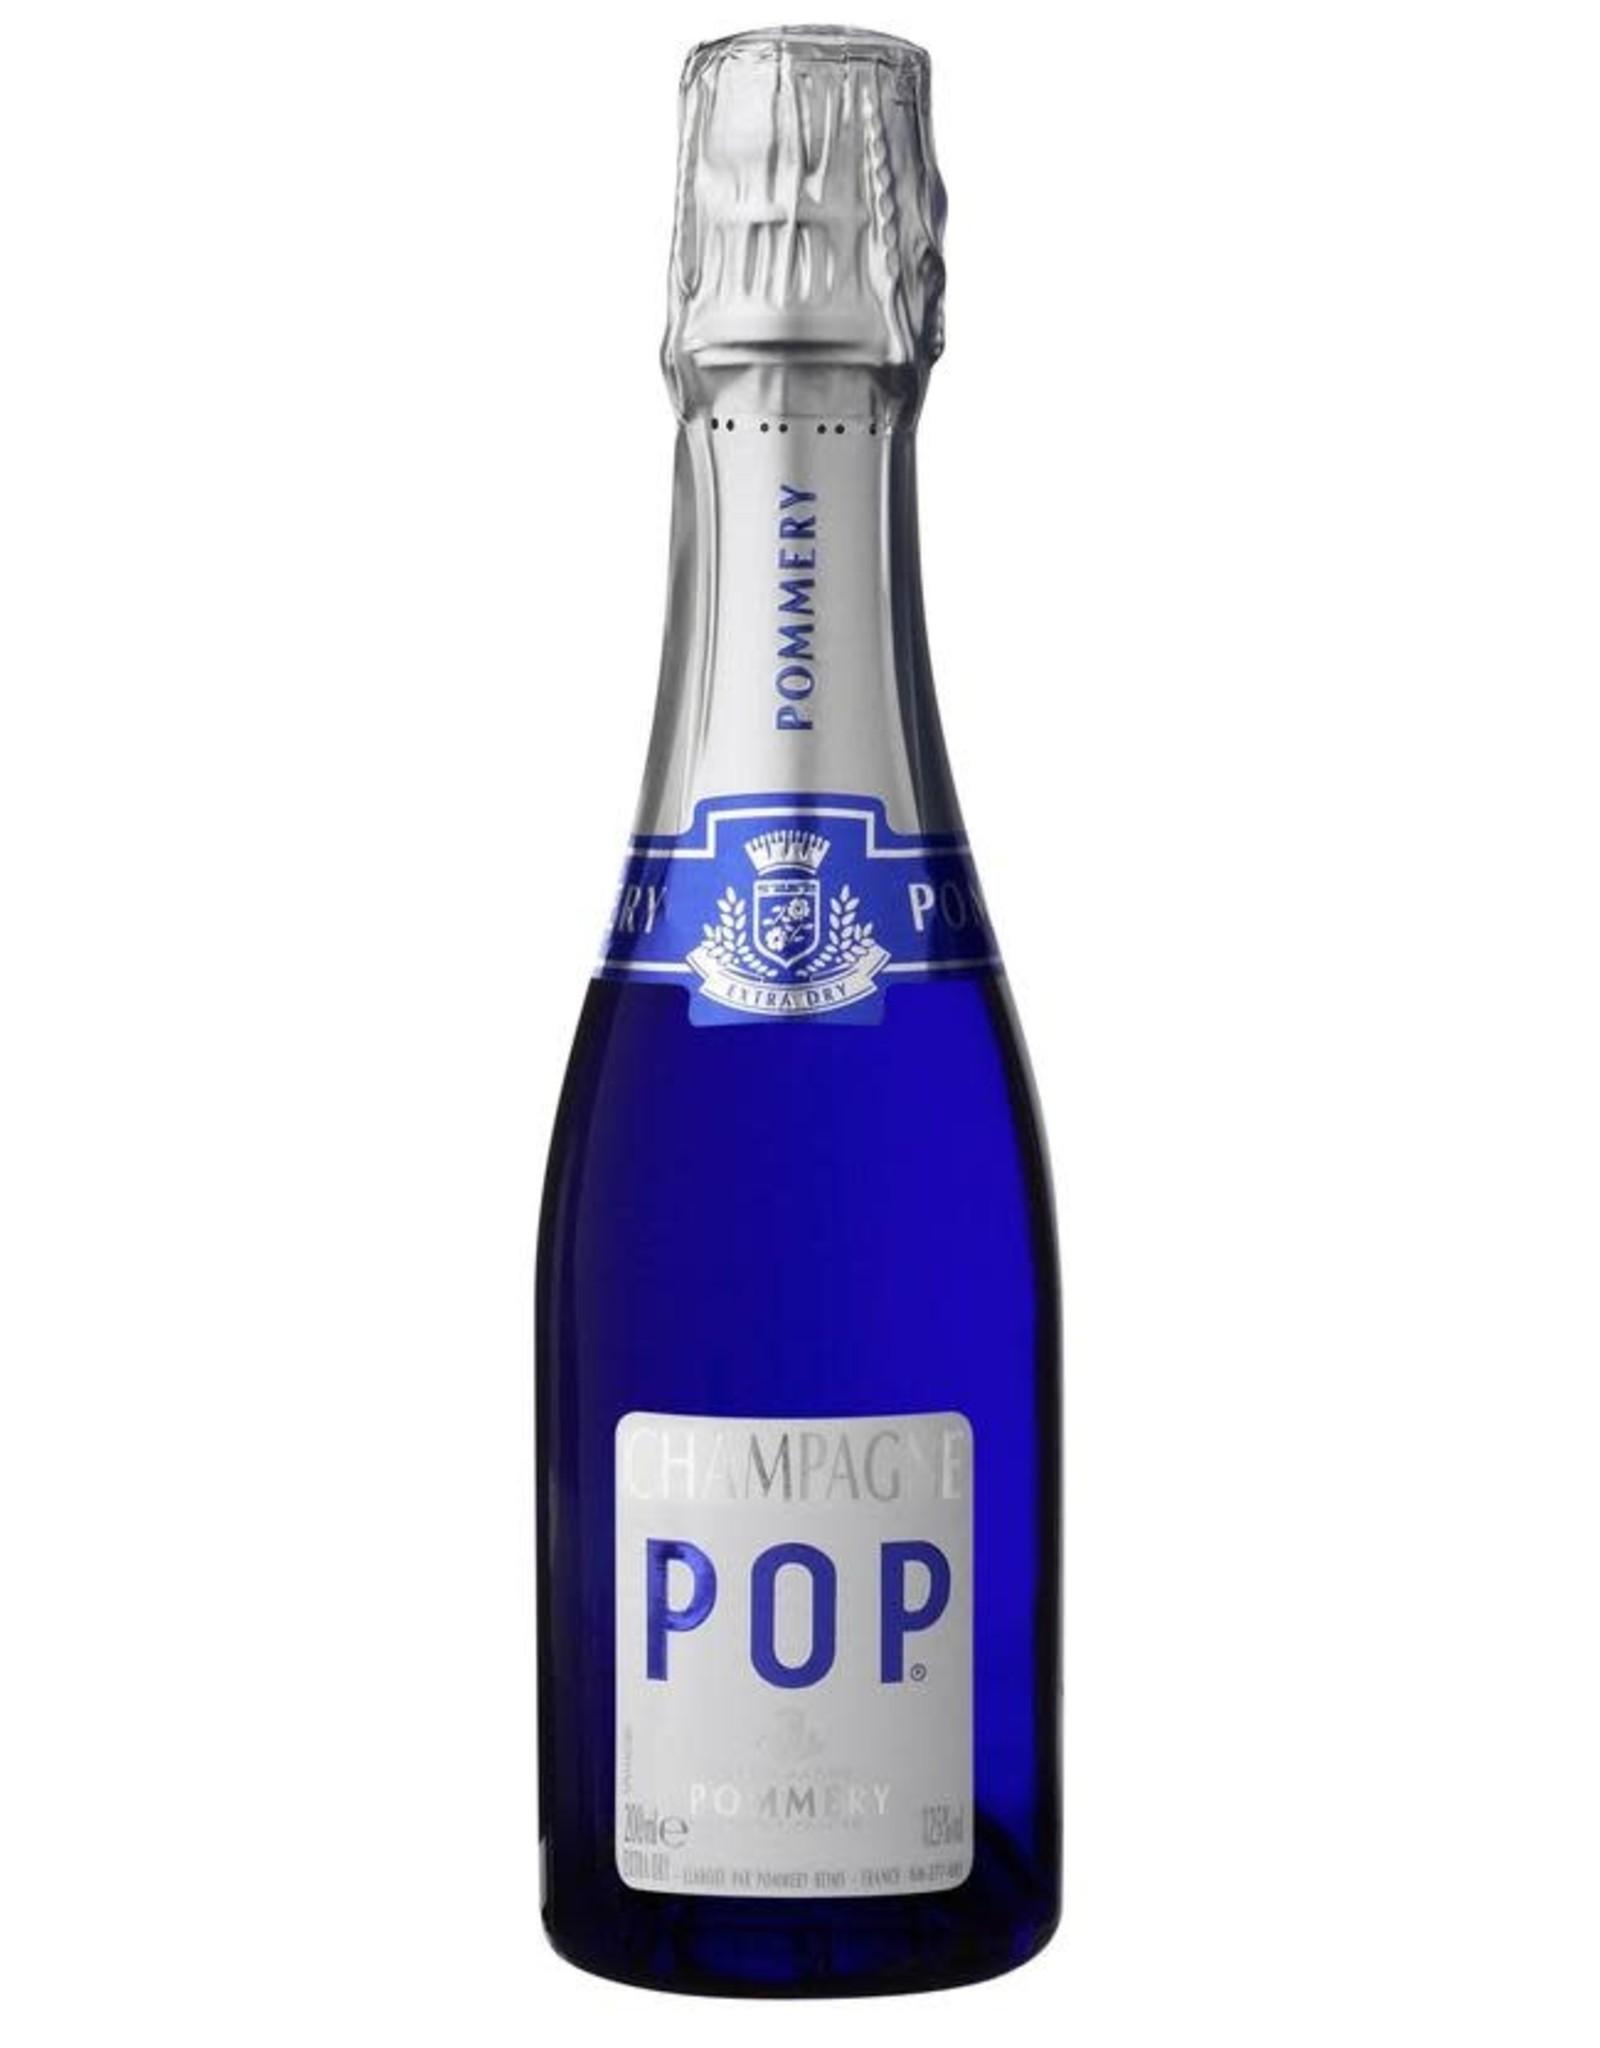 Pommery Pommery Pop Extra Dry Champagne 187ml